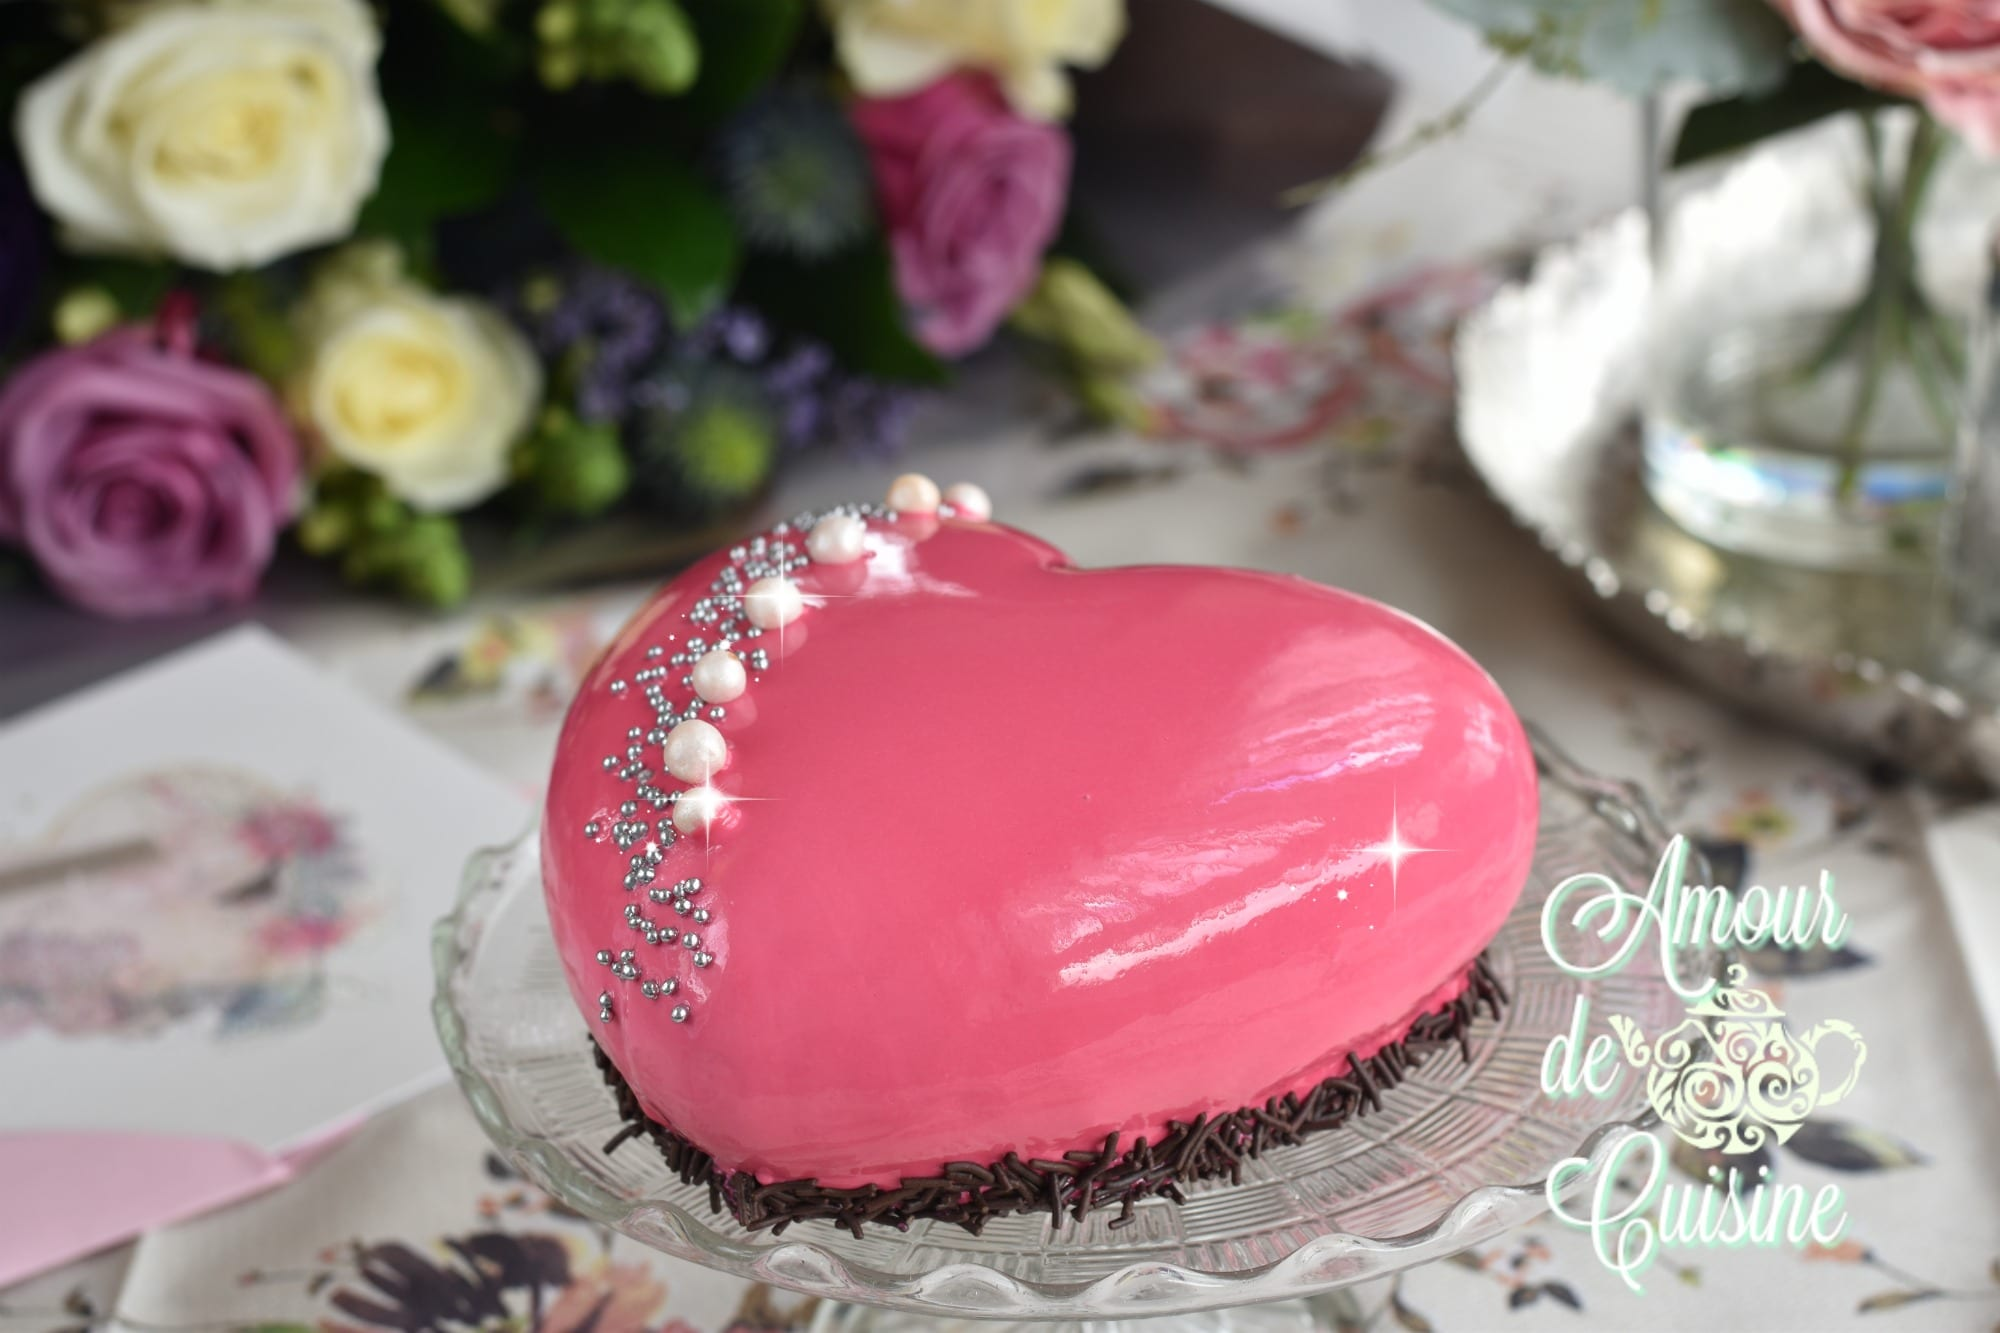 Gateau De Mon Anniversaire Amour De Cuisine